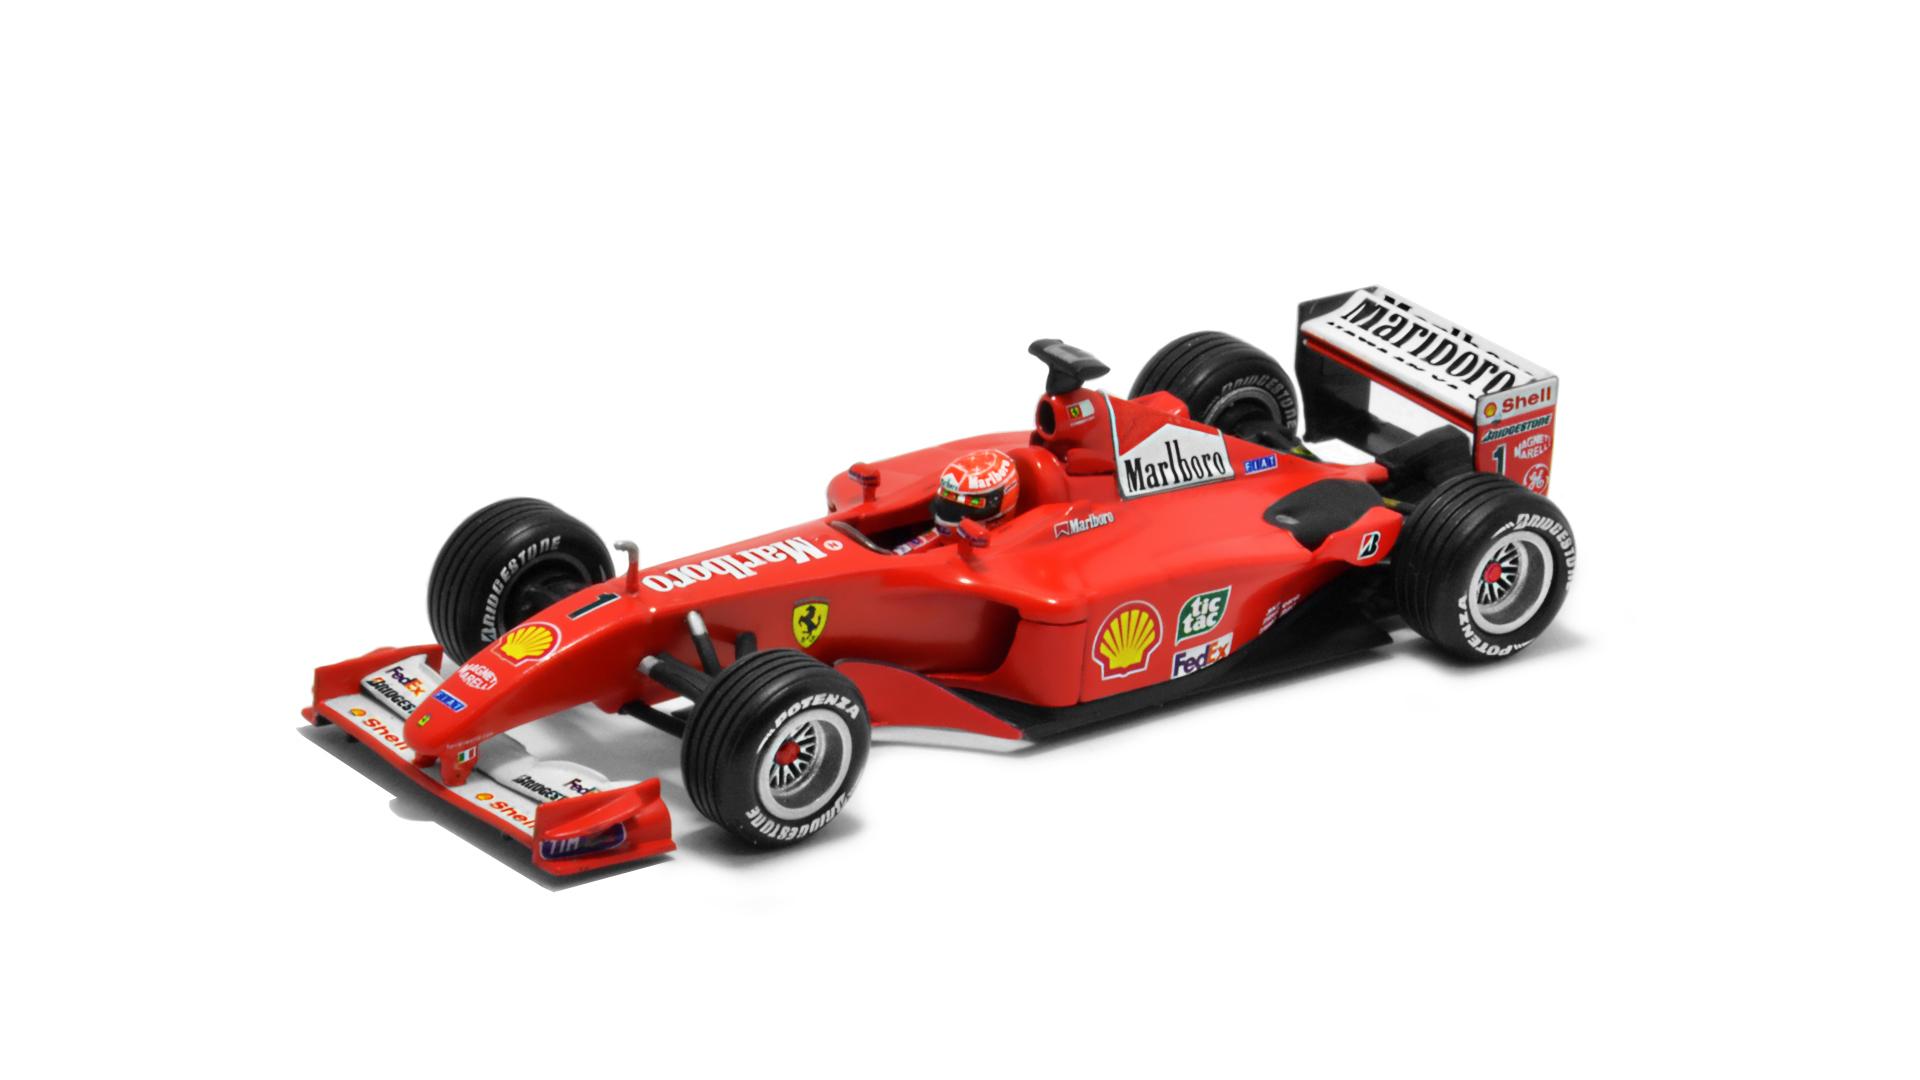 Év: 2001<br />Modell: F2001<br />Gyártó: Hot Wheels<br />Pilóta: Michael Schumacher